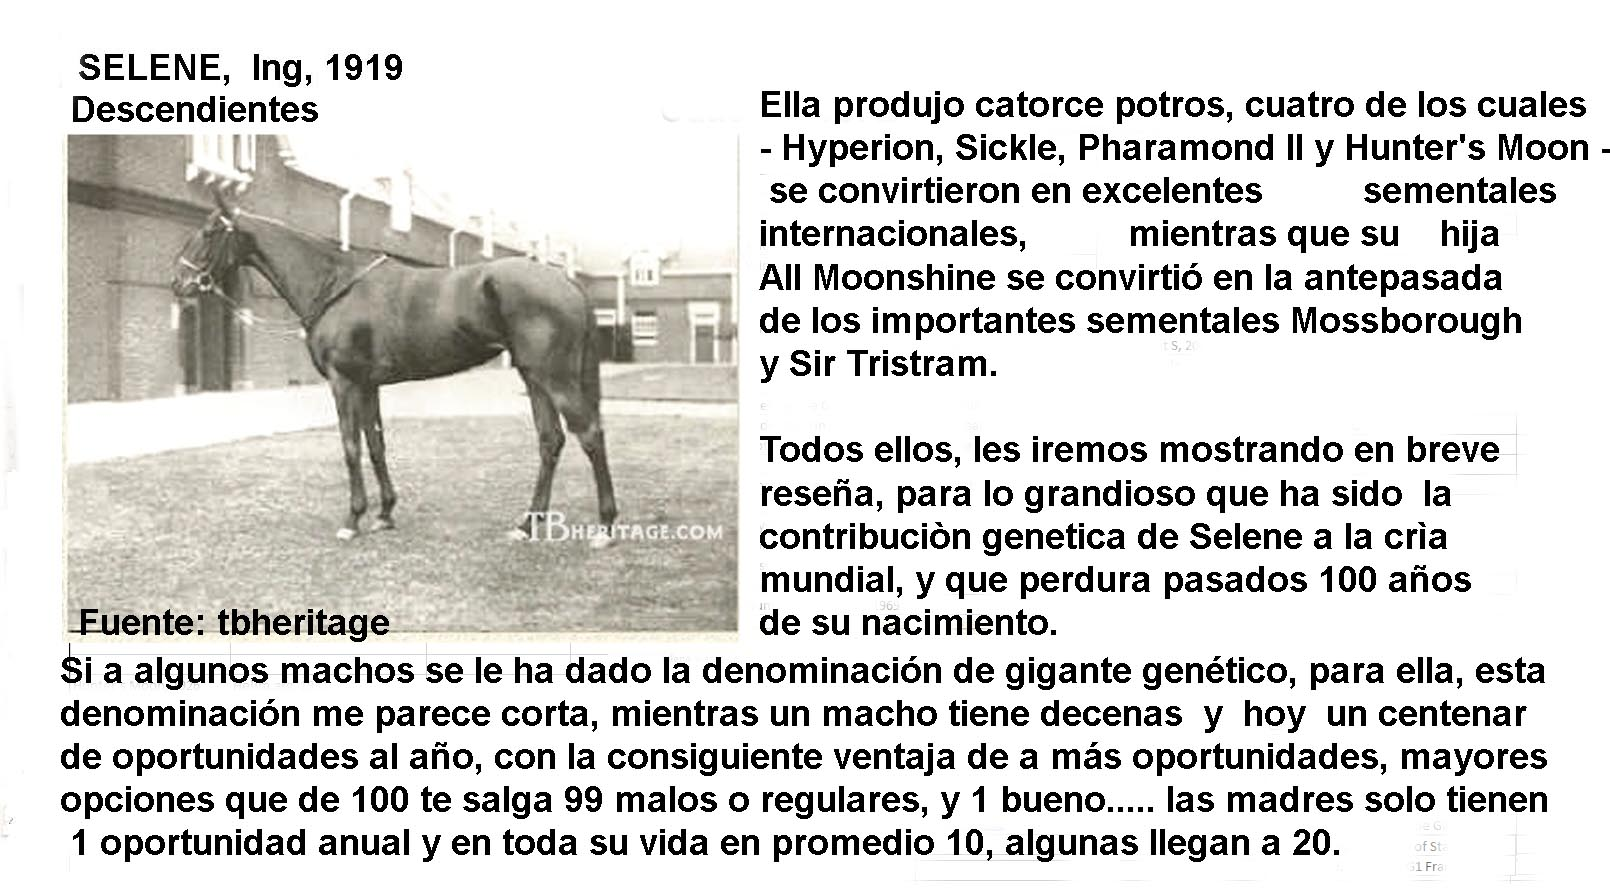 SELENE LA MATRONA DEL SIGLO XX Selene12